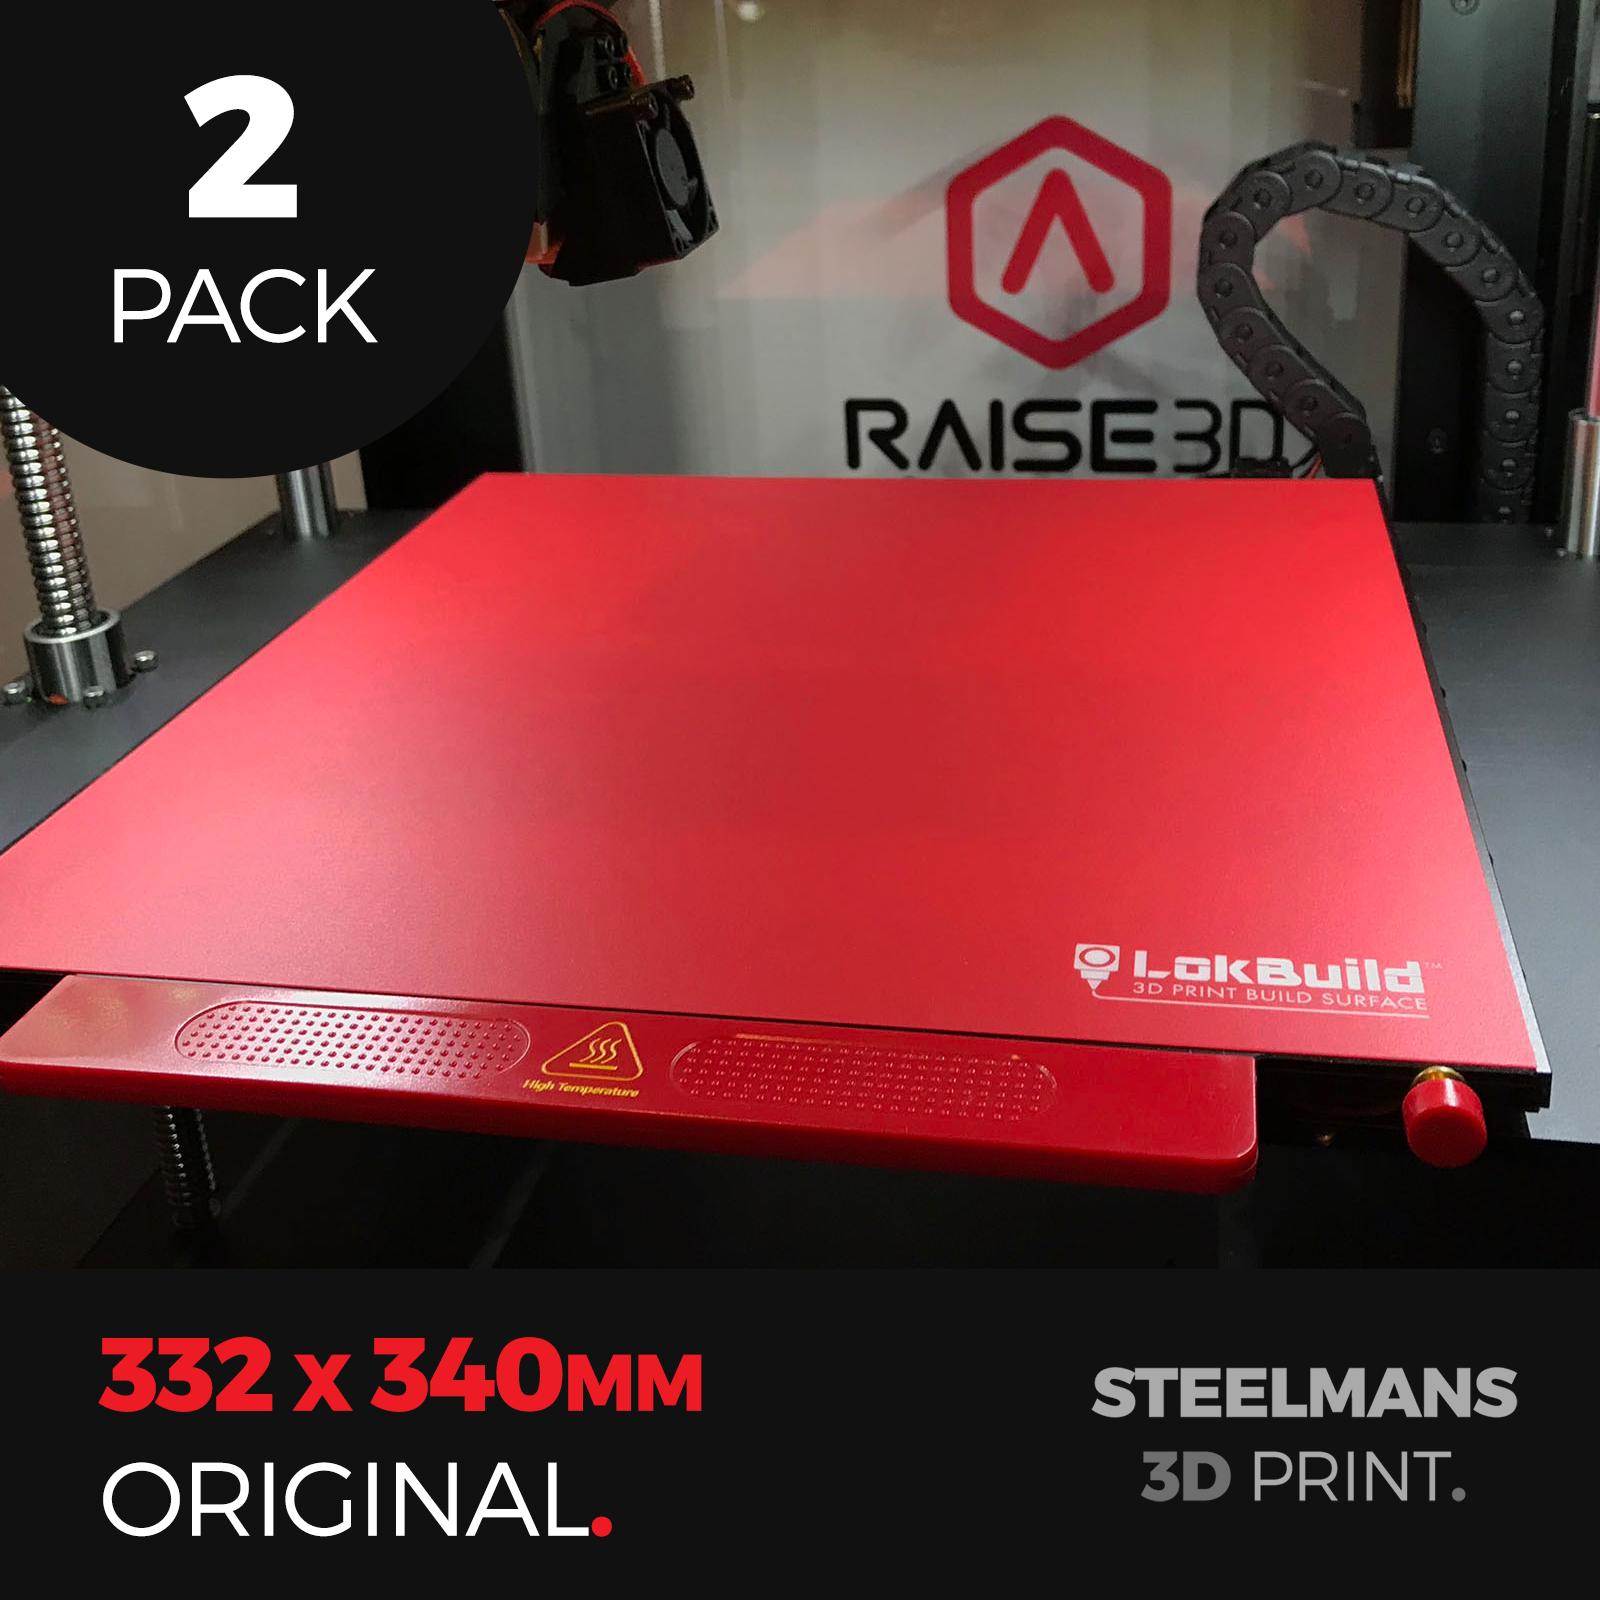 PACK OF 2 x LokBuild : 3D Print Build Surface (Raise3D Pro2, Pro2 Plus, N2, N2+)